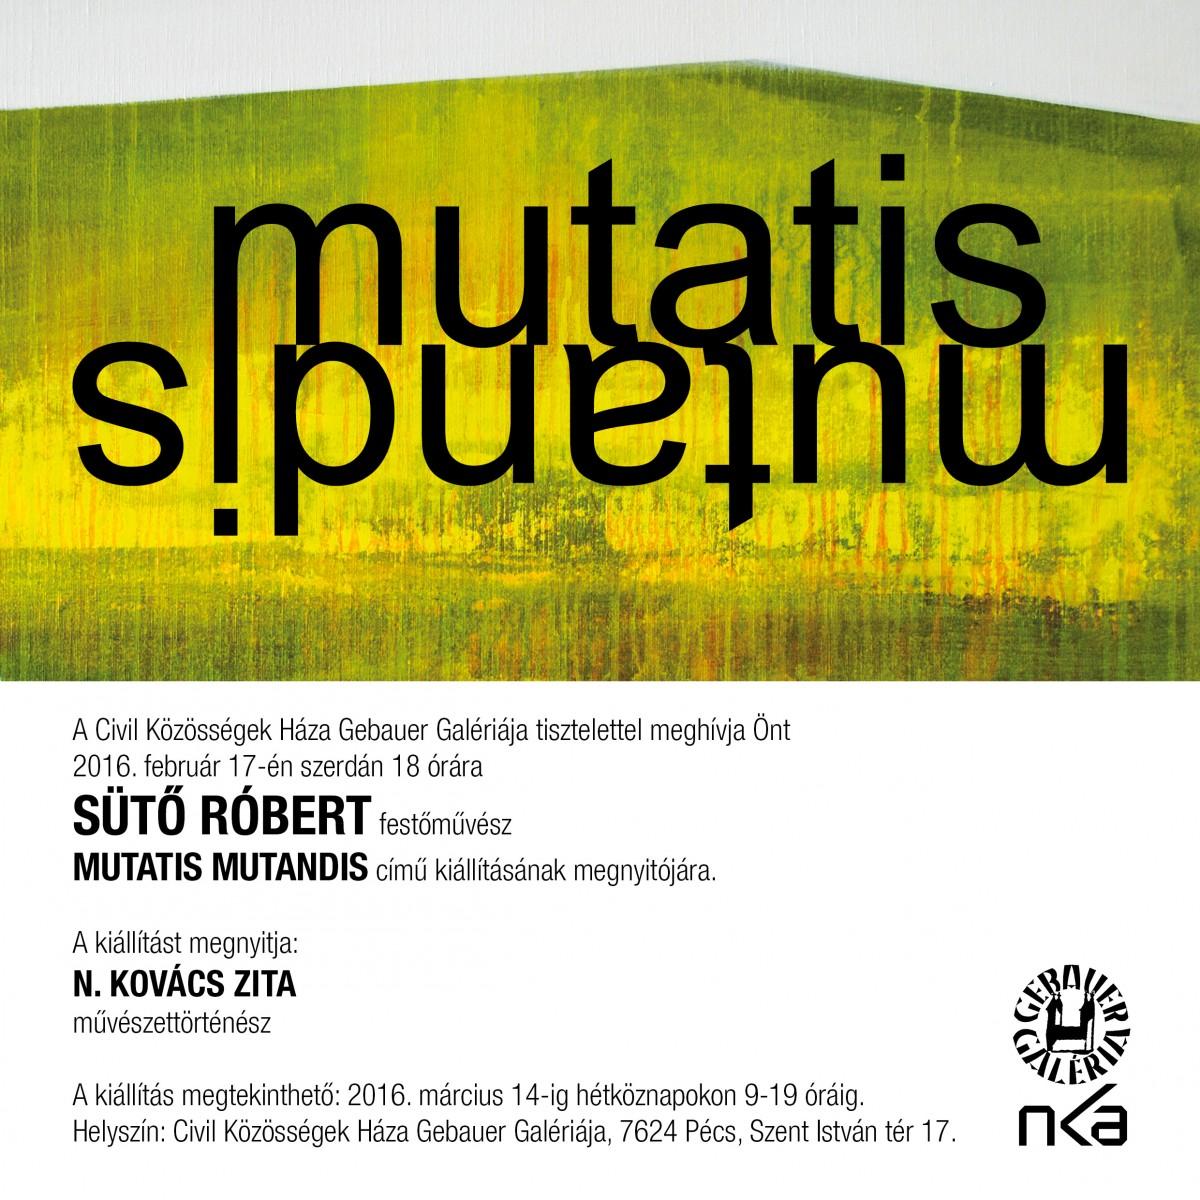 suto robert_mutatis mutandis